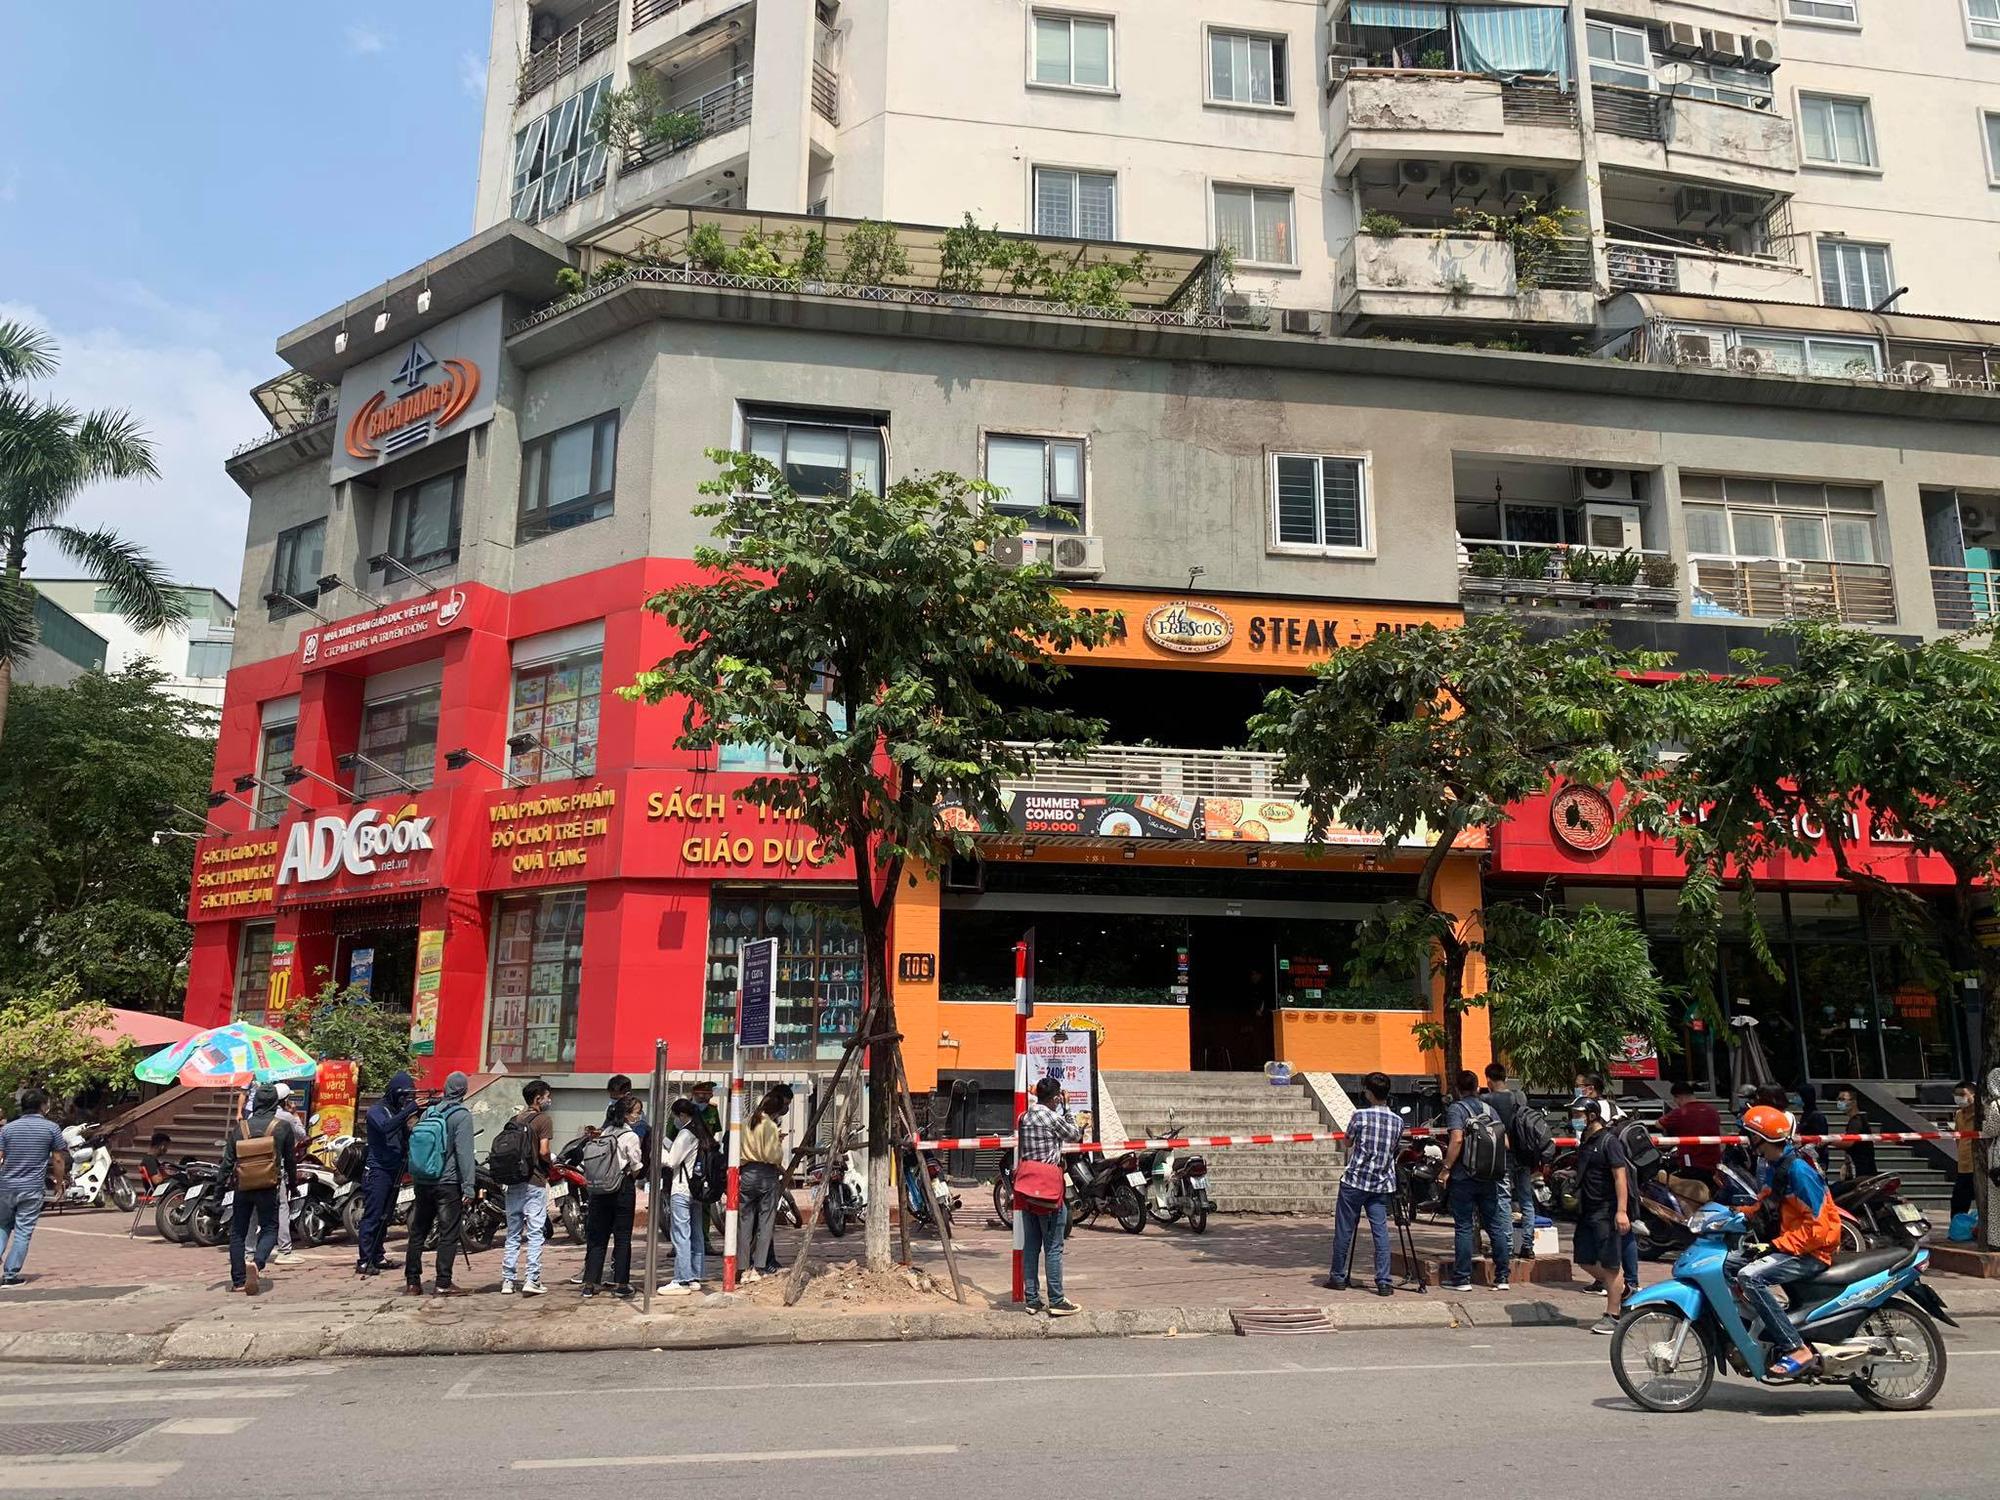 -19 tại Hà Nội: Phong toả và khử trùng quán pizza trên phố Trần Thái Tông - Ảnh 3.